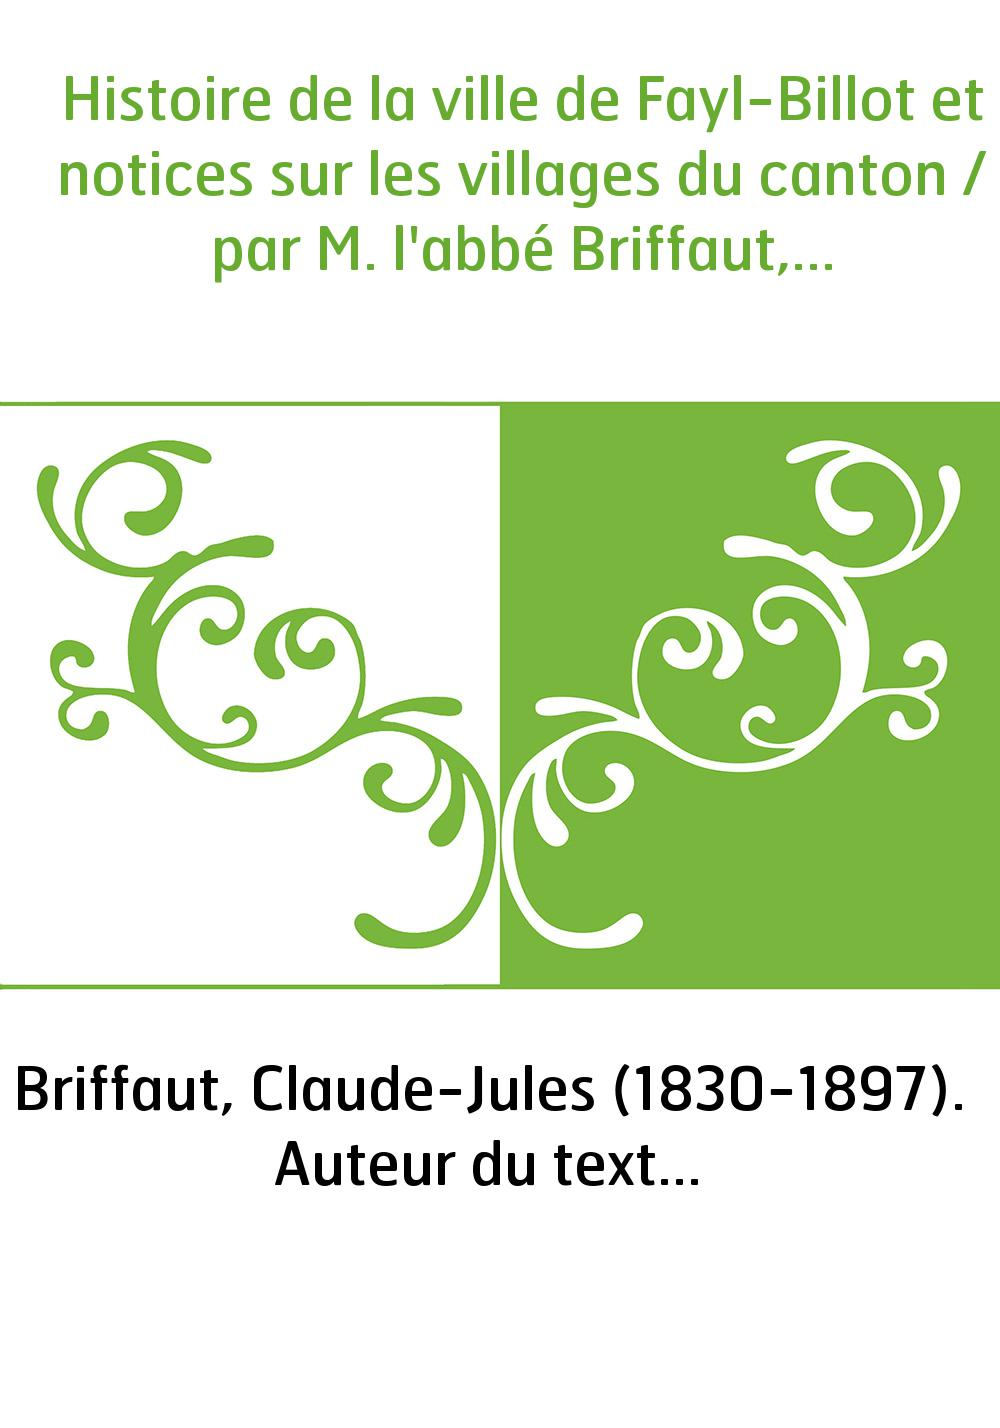 Histoire de la ville de Fayl-Billot et notices sur les villages du canton / par M. l'abbé Briffaut,...